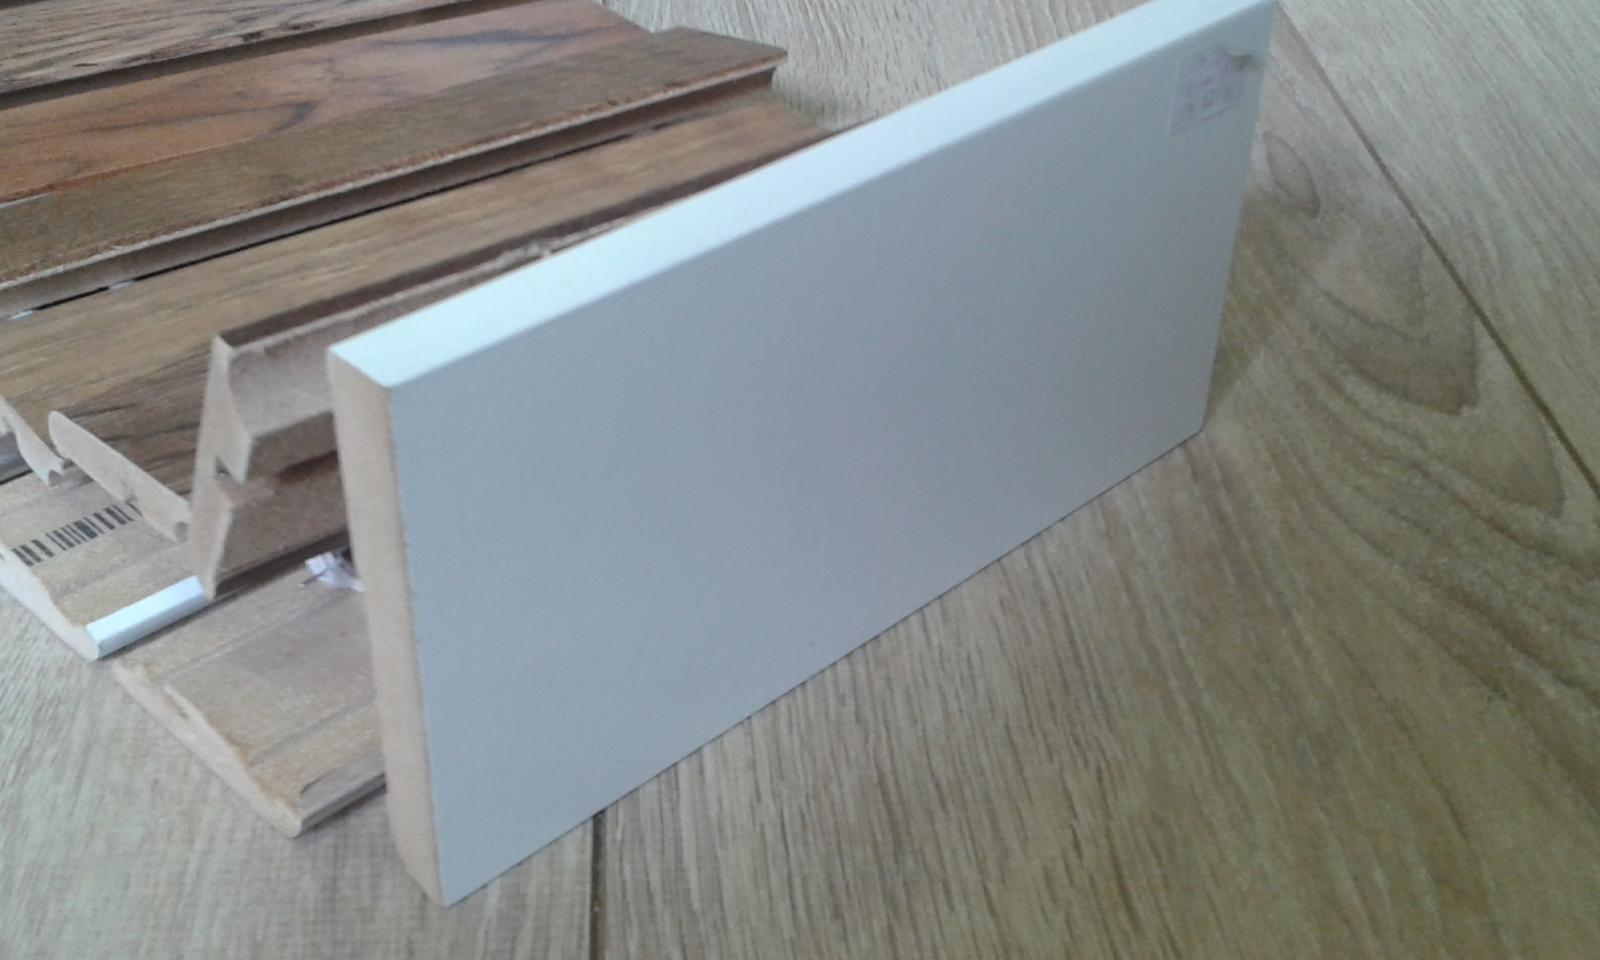 Vysoké biele lišty - vysoká moderná hranatá biela lišta - dĺžka 2,4m , 1,4cm široká, 10cm vysoká. Materiál MDF potiahnutý fóliou.